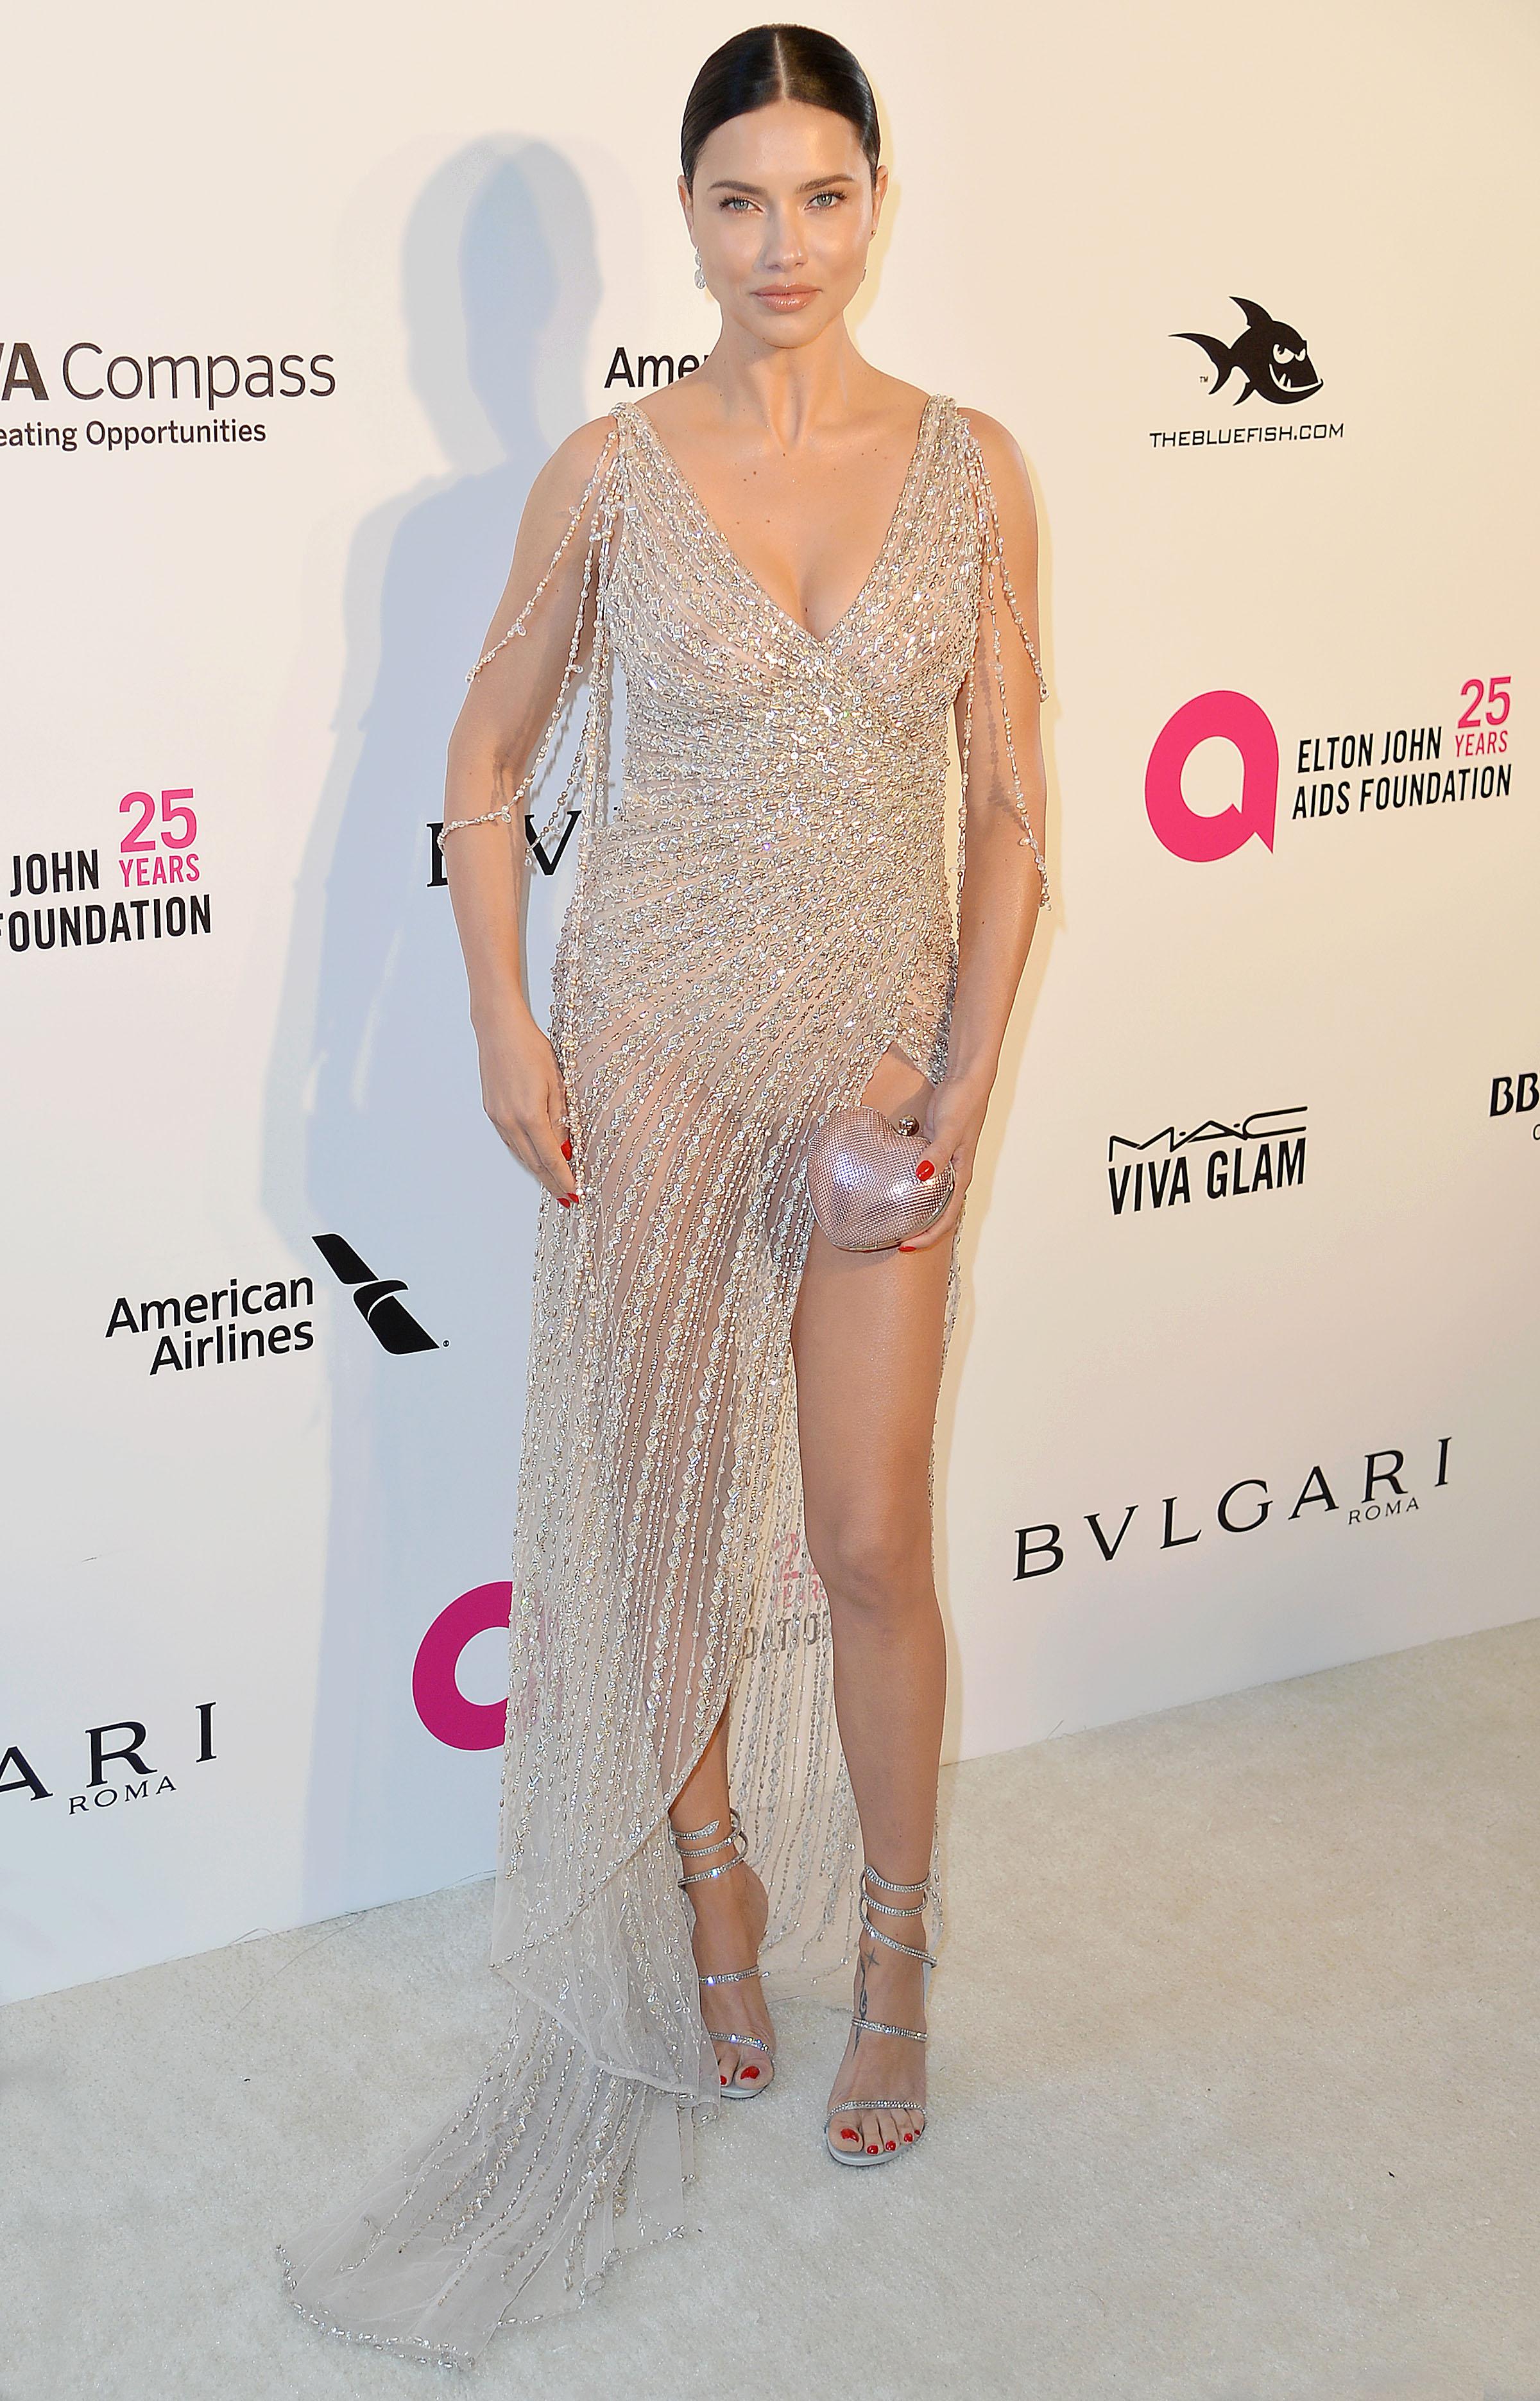 26th Annual Elton John AIDS Foundation Academy Awards (7).jpg